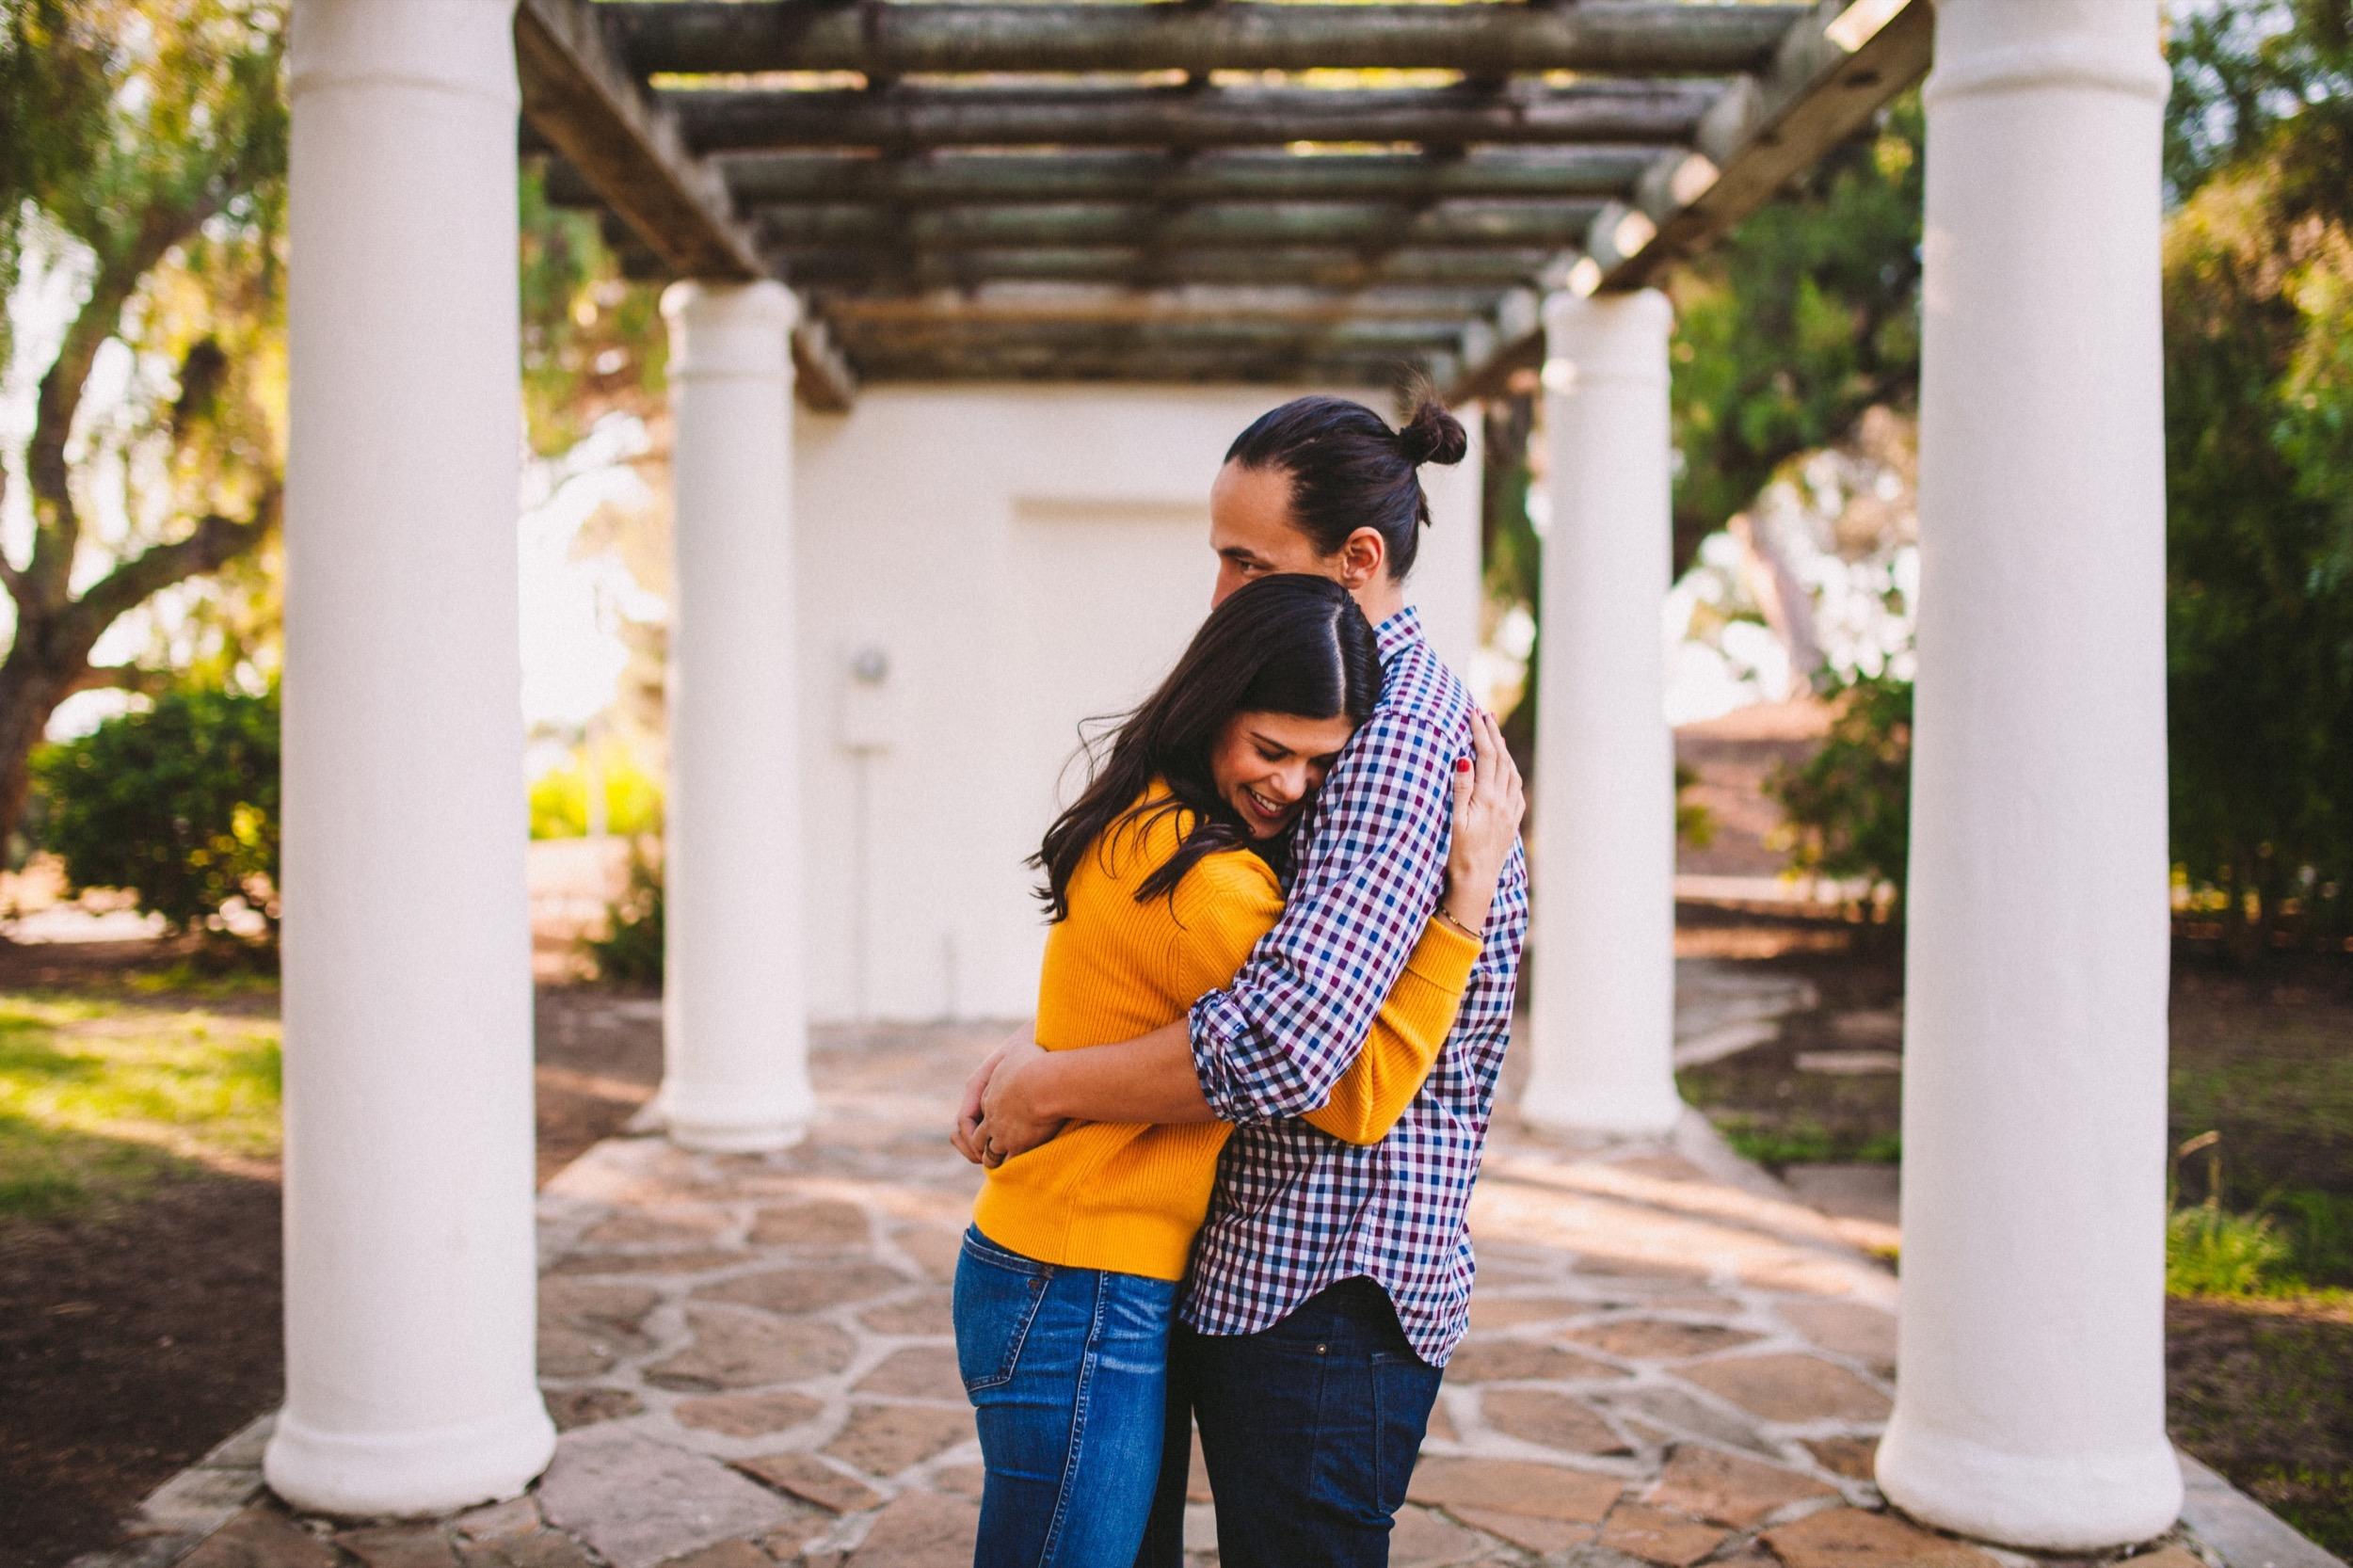 San Diego Photographer Presidio Park Couples Photography-8.jpg